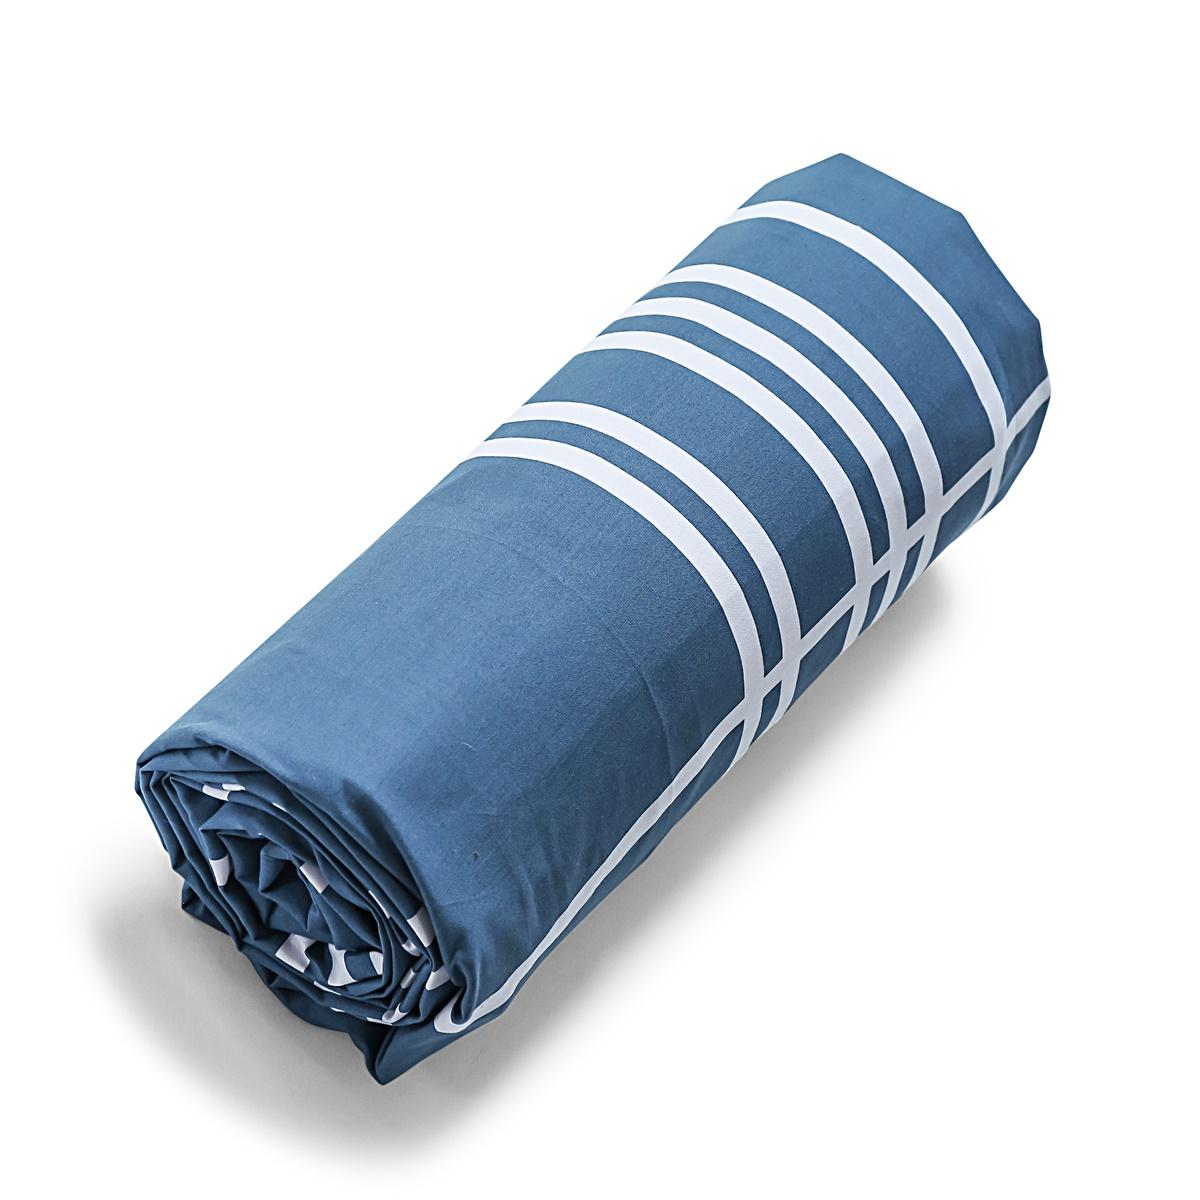 Drap-housse Ouessant | Linge de lit percale de coton | Tradition des Vosges